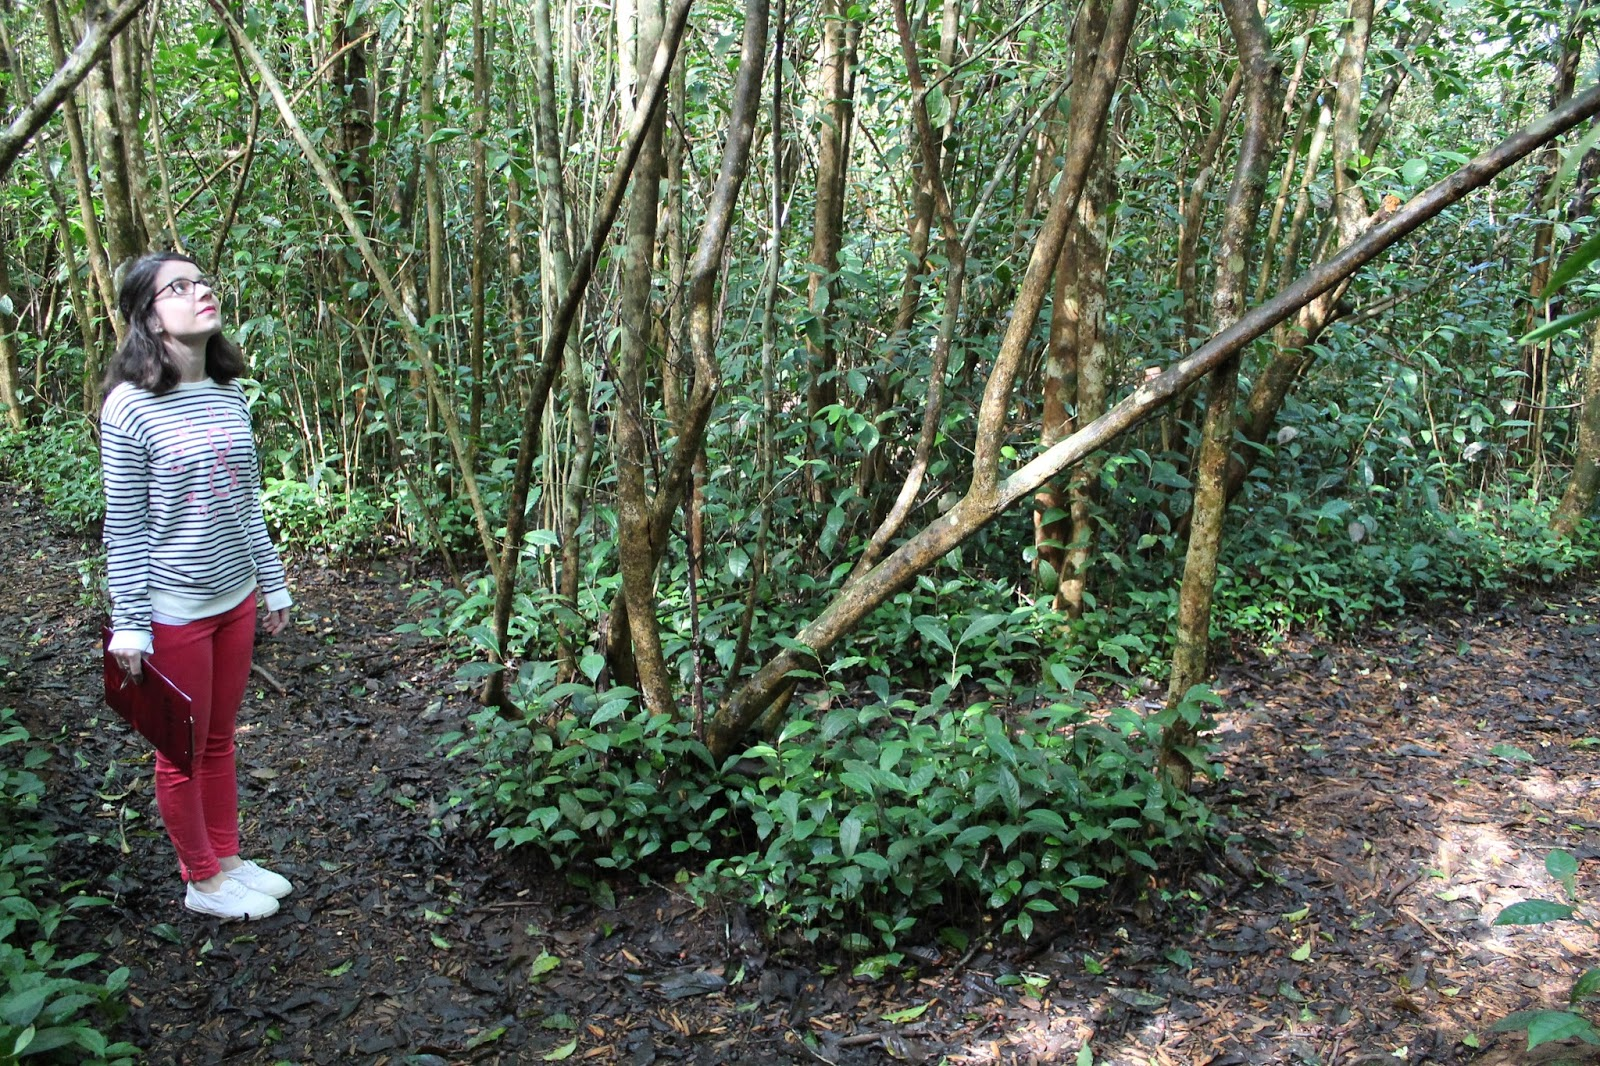 réunion île gotoreunion labyrinthe en champ thé tea grand coude visite à faire jumbocar irt tourisme 974 kiabi haul soldes bensimon